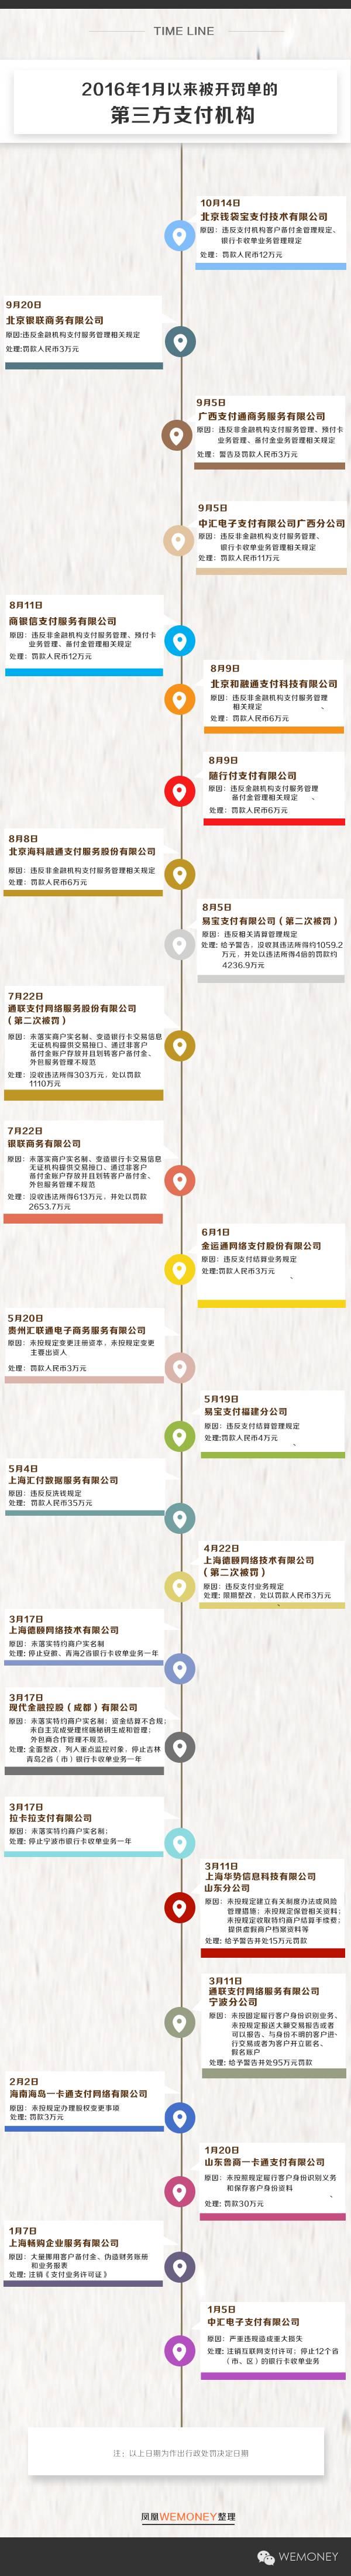 新万博manbetx官网 1